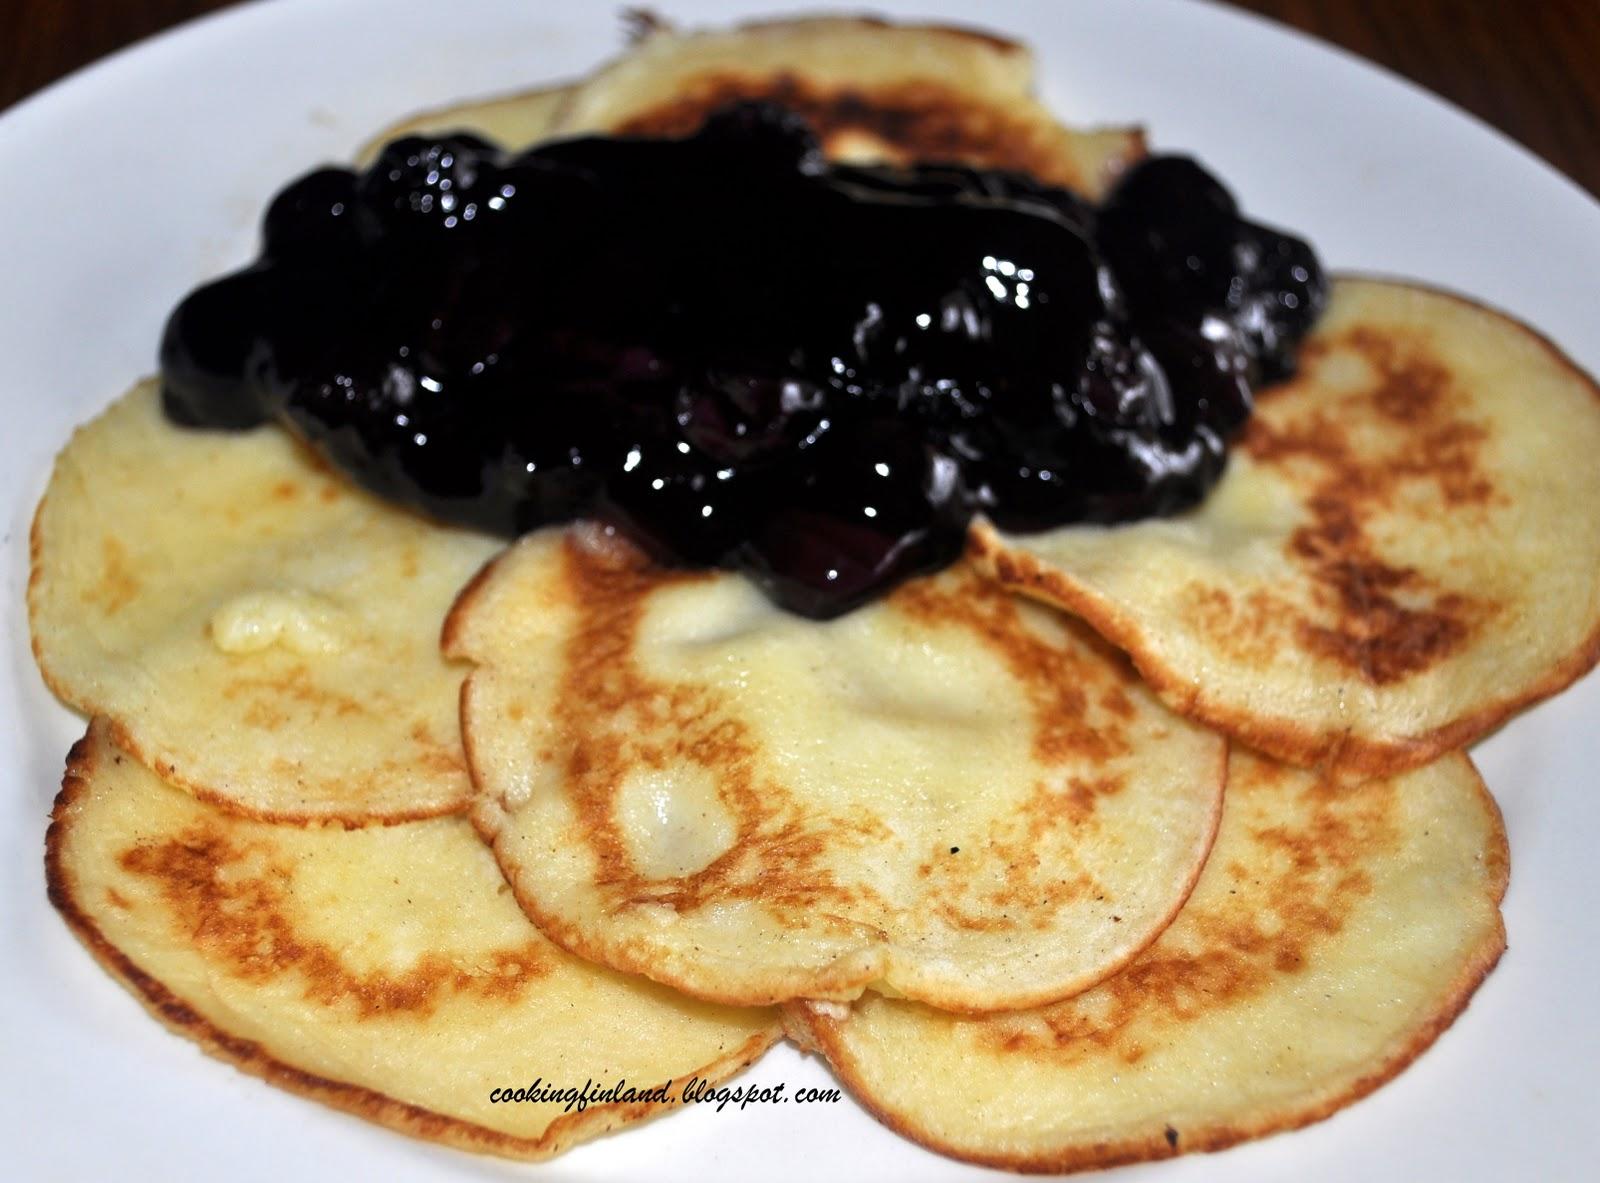 Cooking Finland Finnish Buttermilk Crepes Pancakes Lätty Lettu Lätyt In Finnish Plätt In Swedish Plett In Norwegian